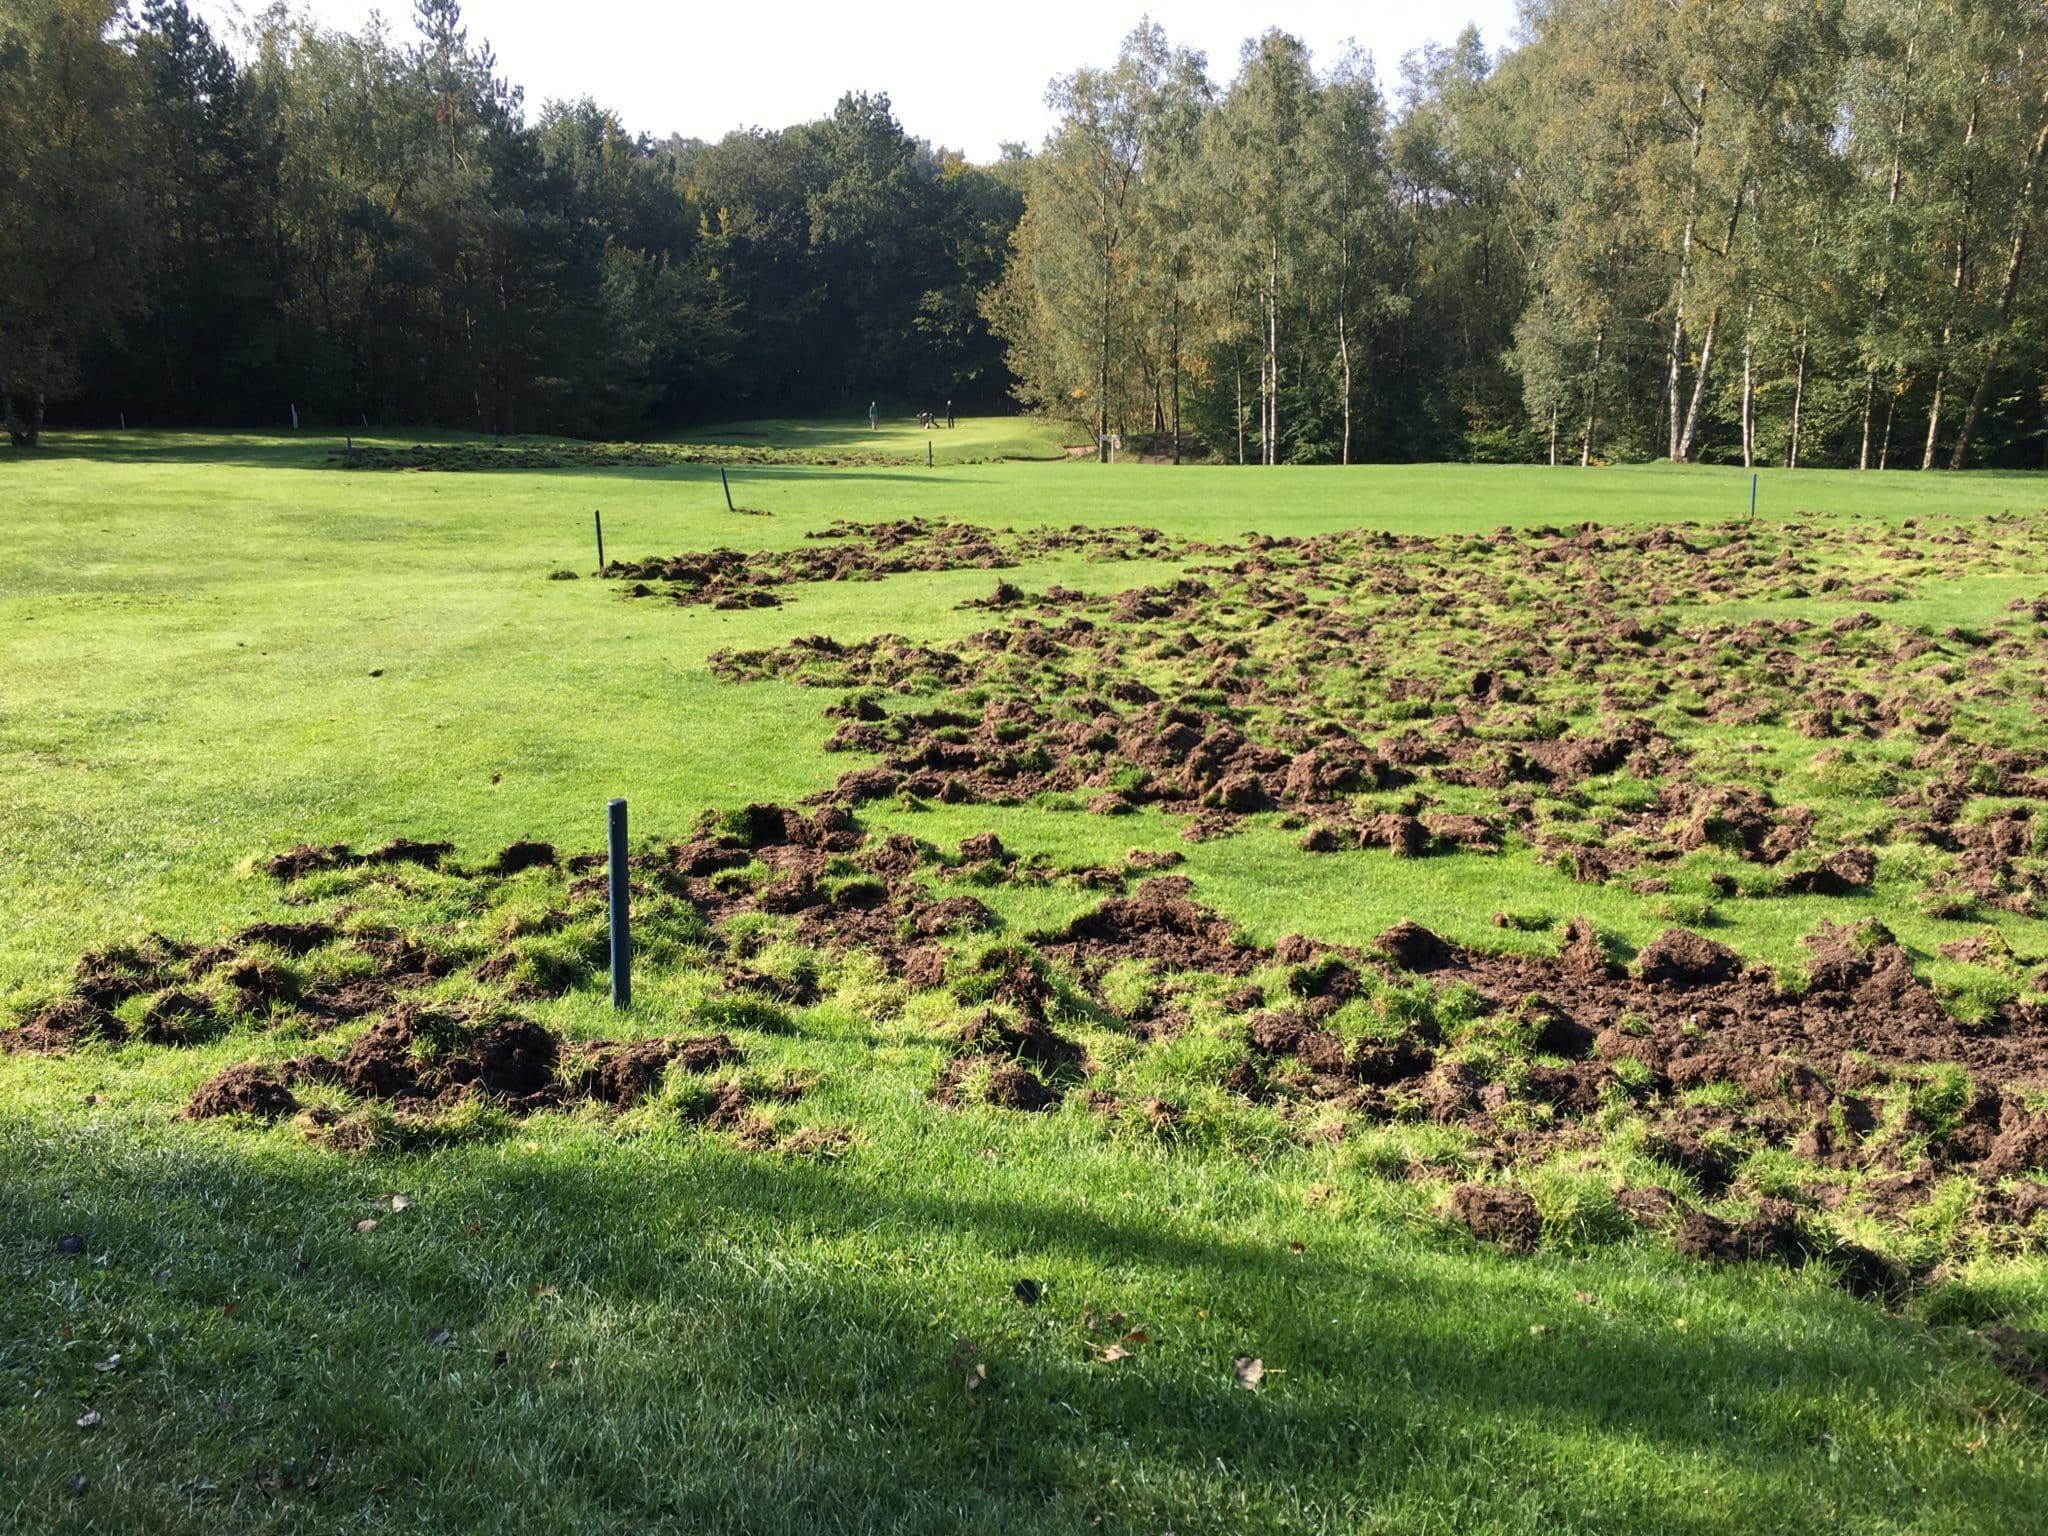 Wildschweinzaun WildschweinschutzzaunWildschweinschutz für Golfplatz mit Elektrozaun